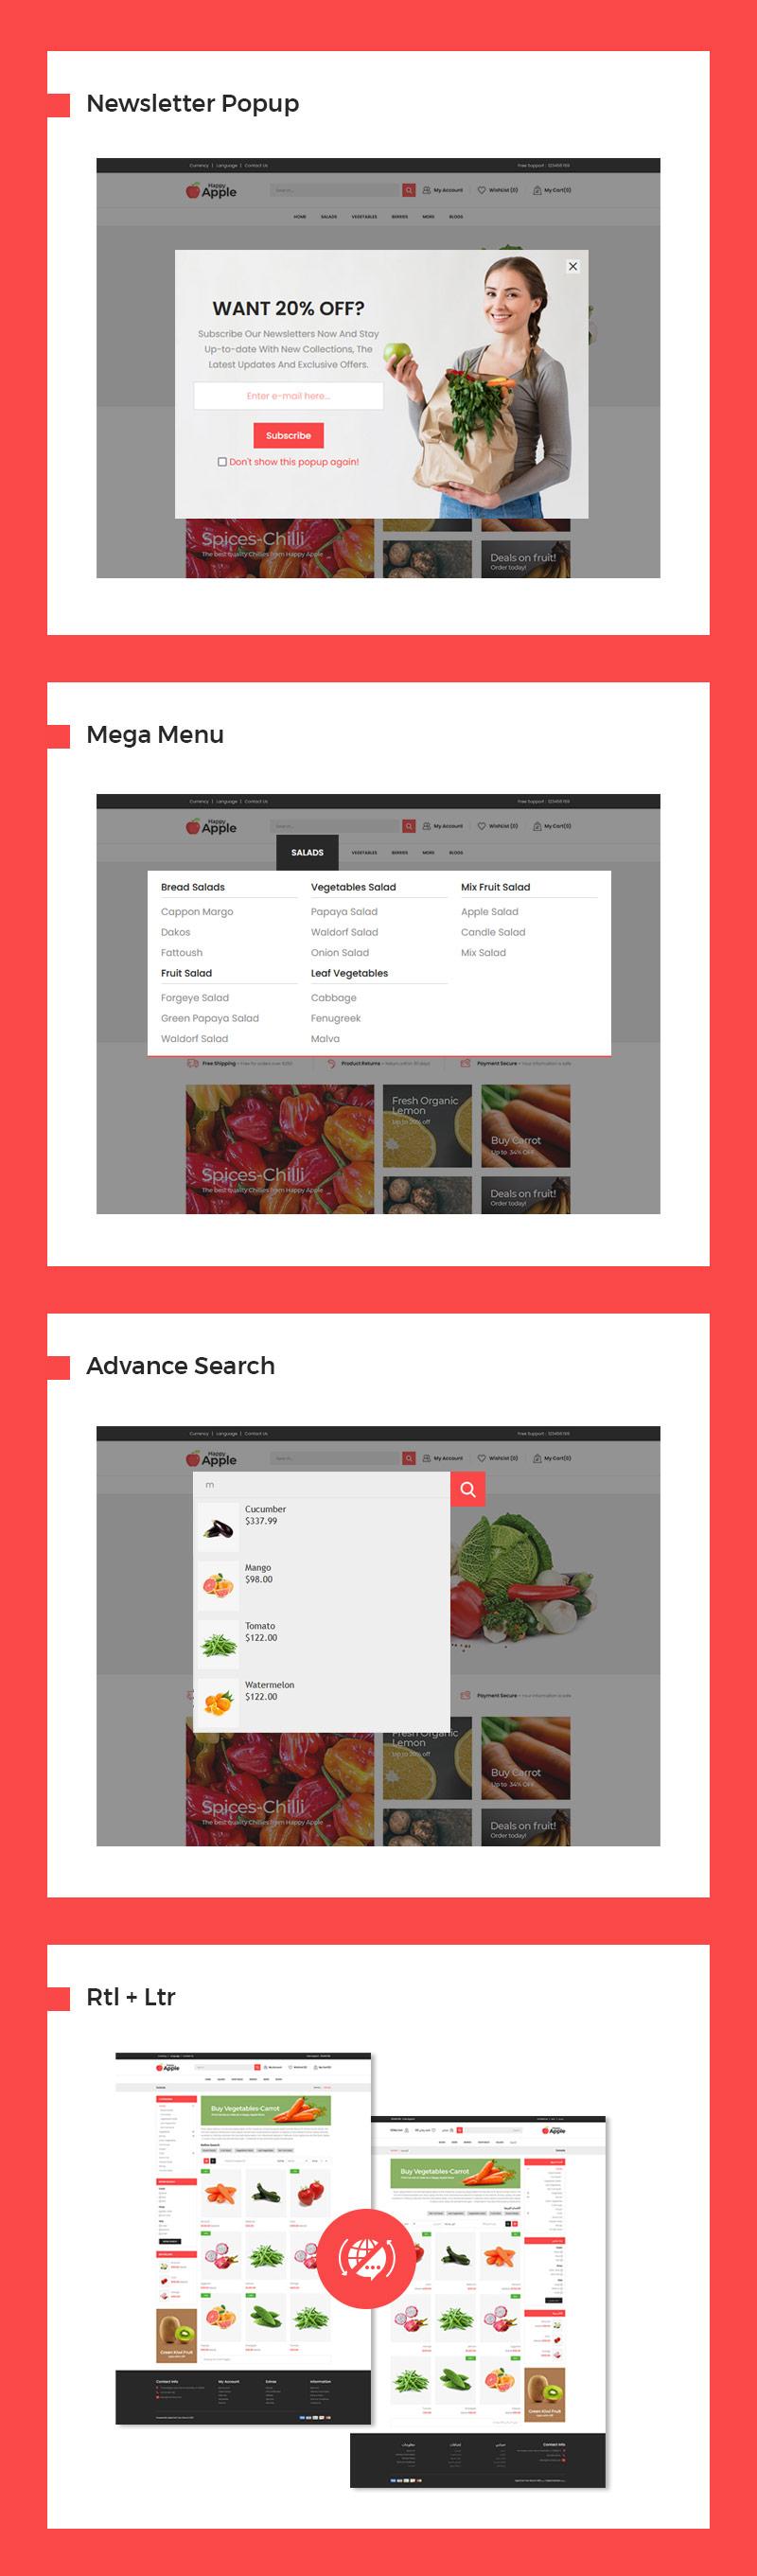 happy-features-2.jpg